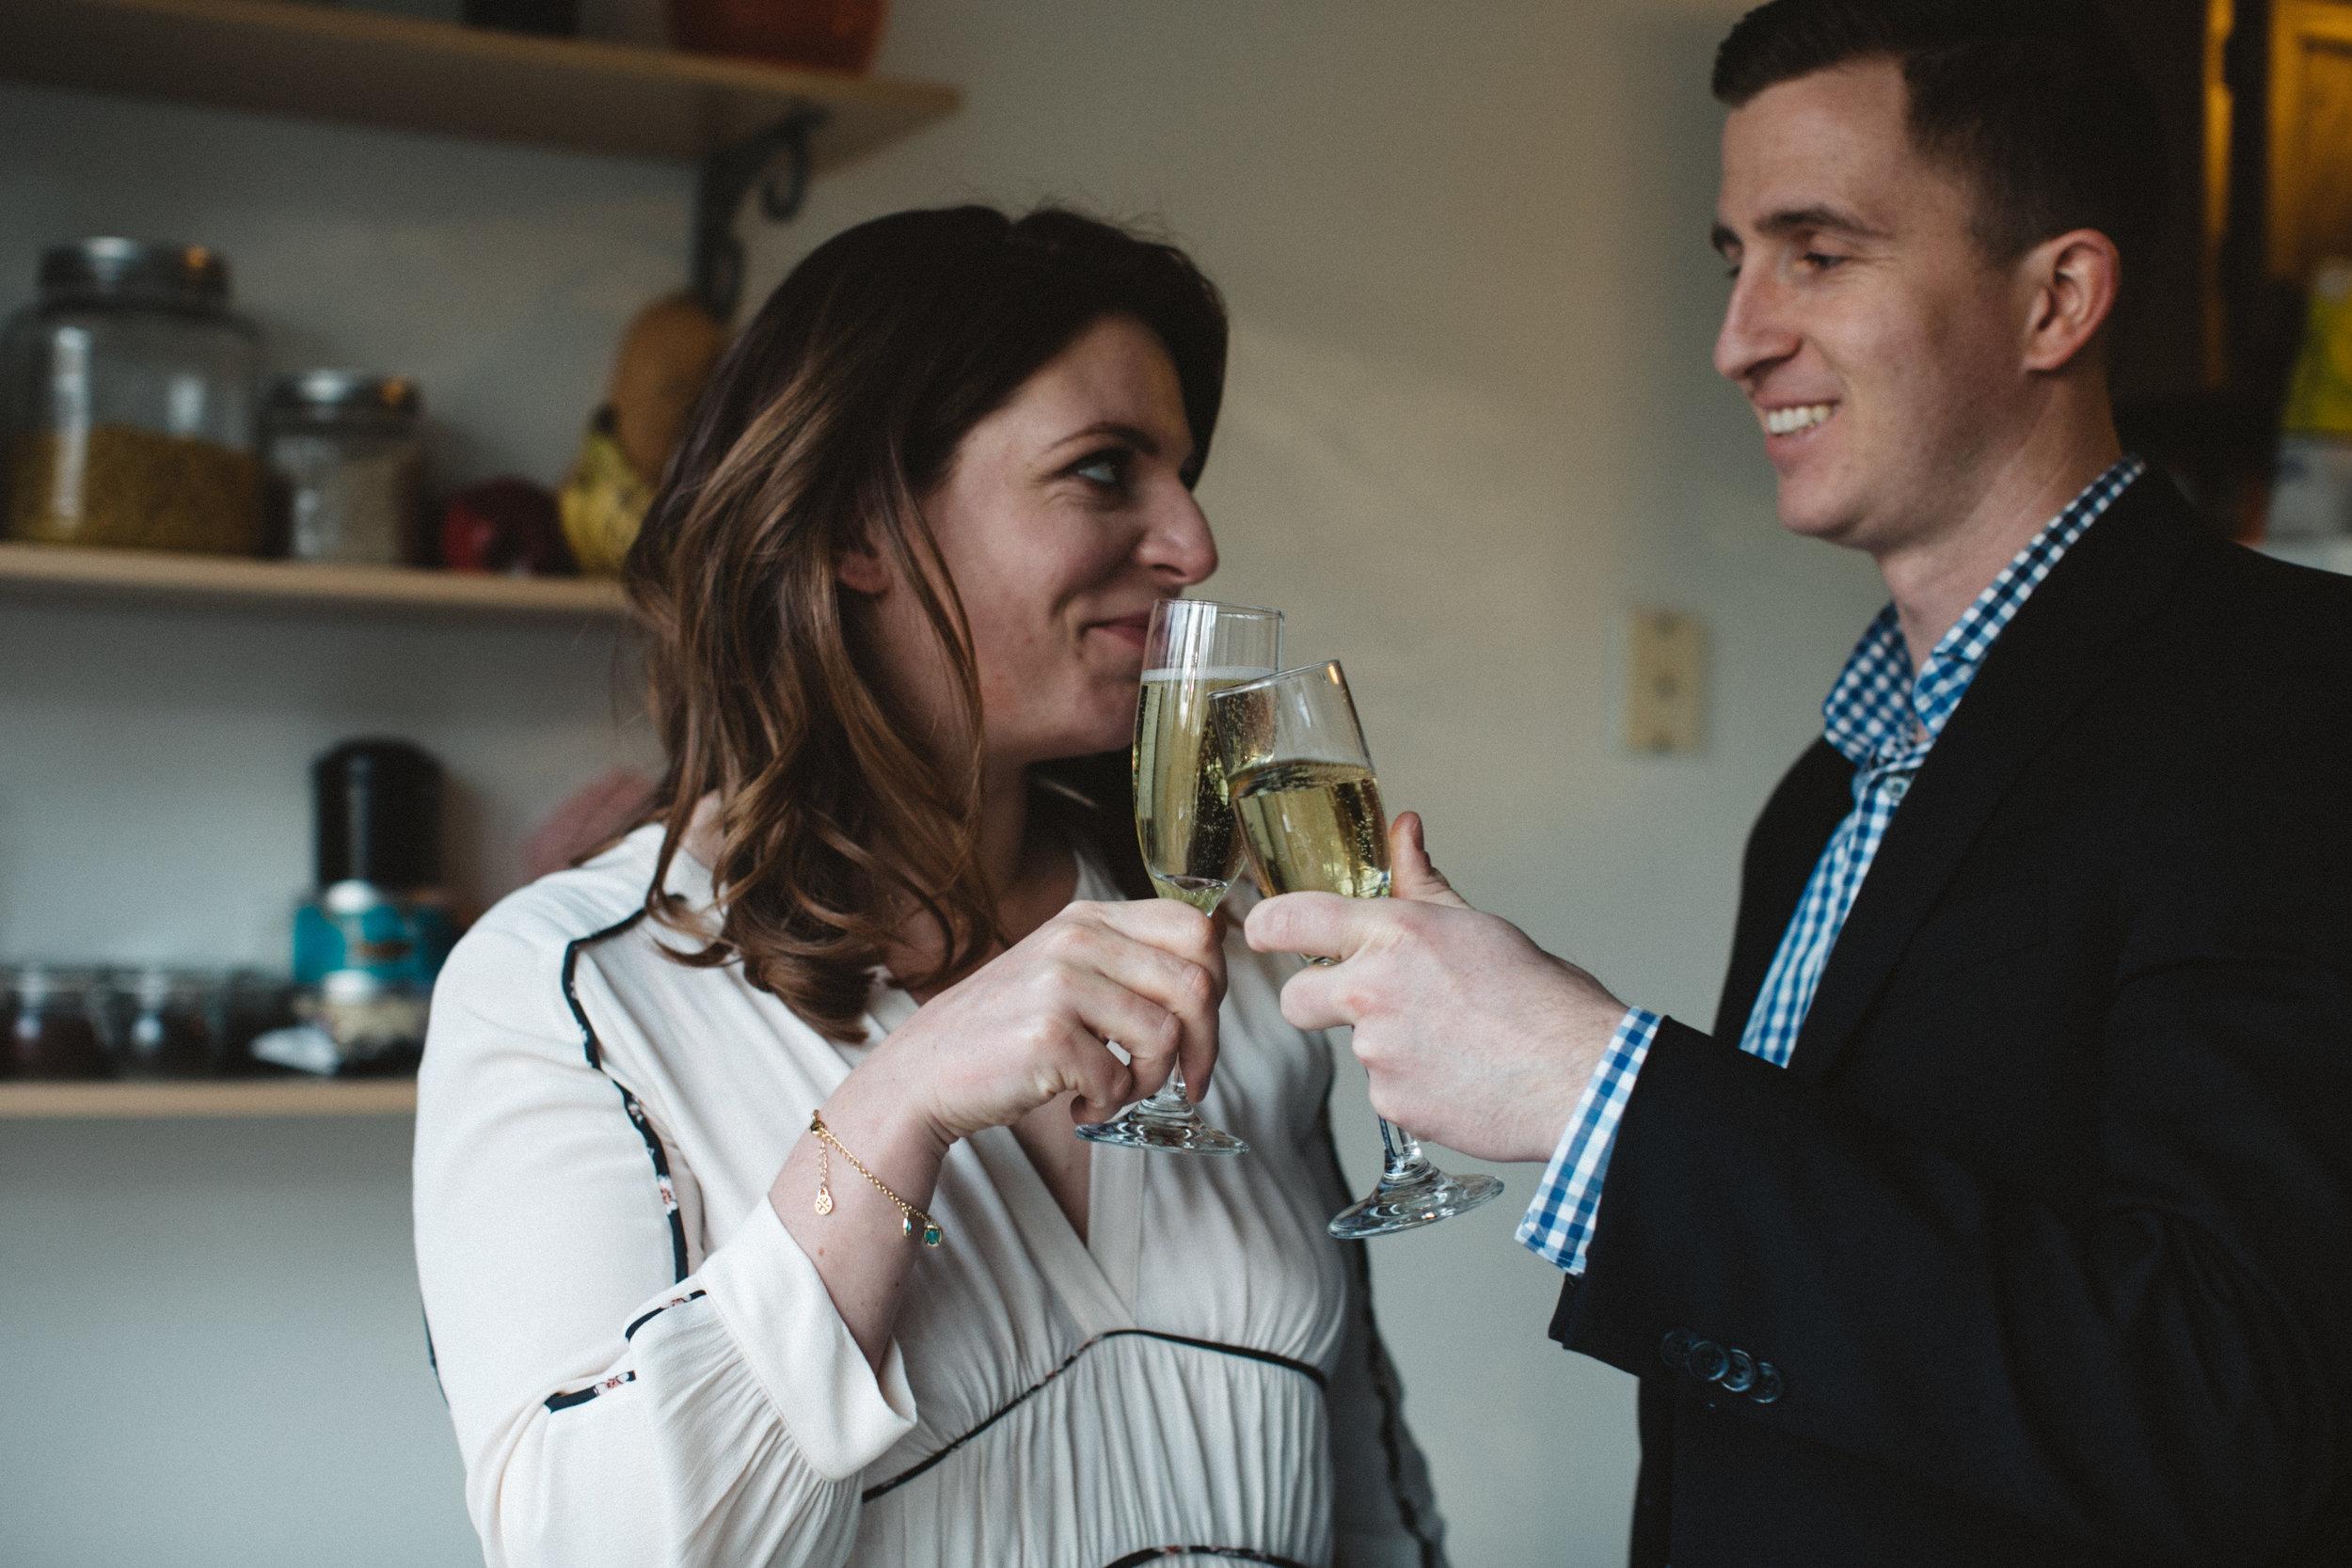 Santé aux jeunes mariés!